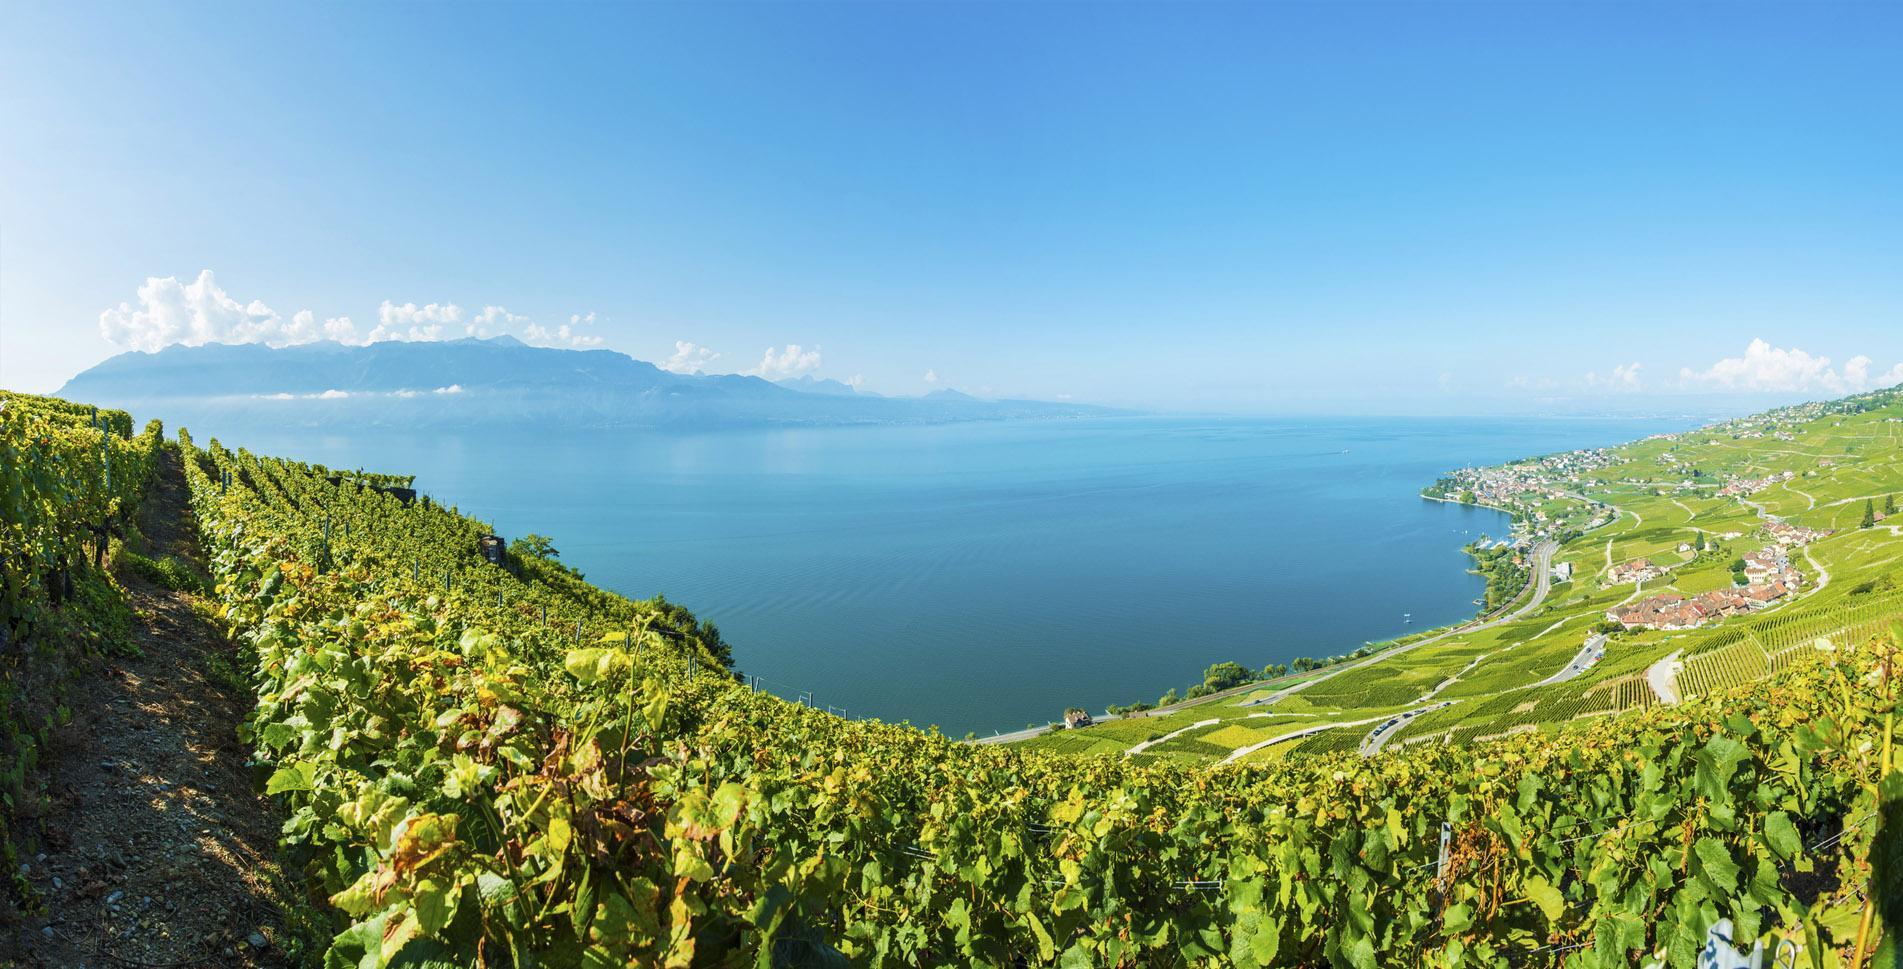 Wanderung entlang der Terrasses de Lavaux, den Weinterrassen von Lavaux, die zum Welterbe der UNESCO gehören, von St. Saphorin nach Lutry am Lac Léman / Genfersee.